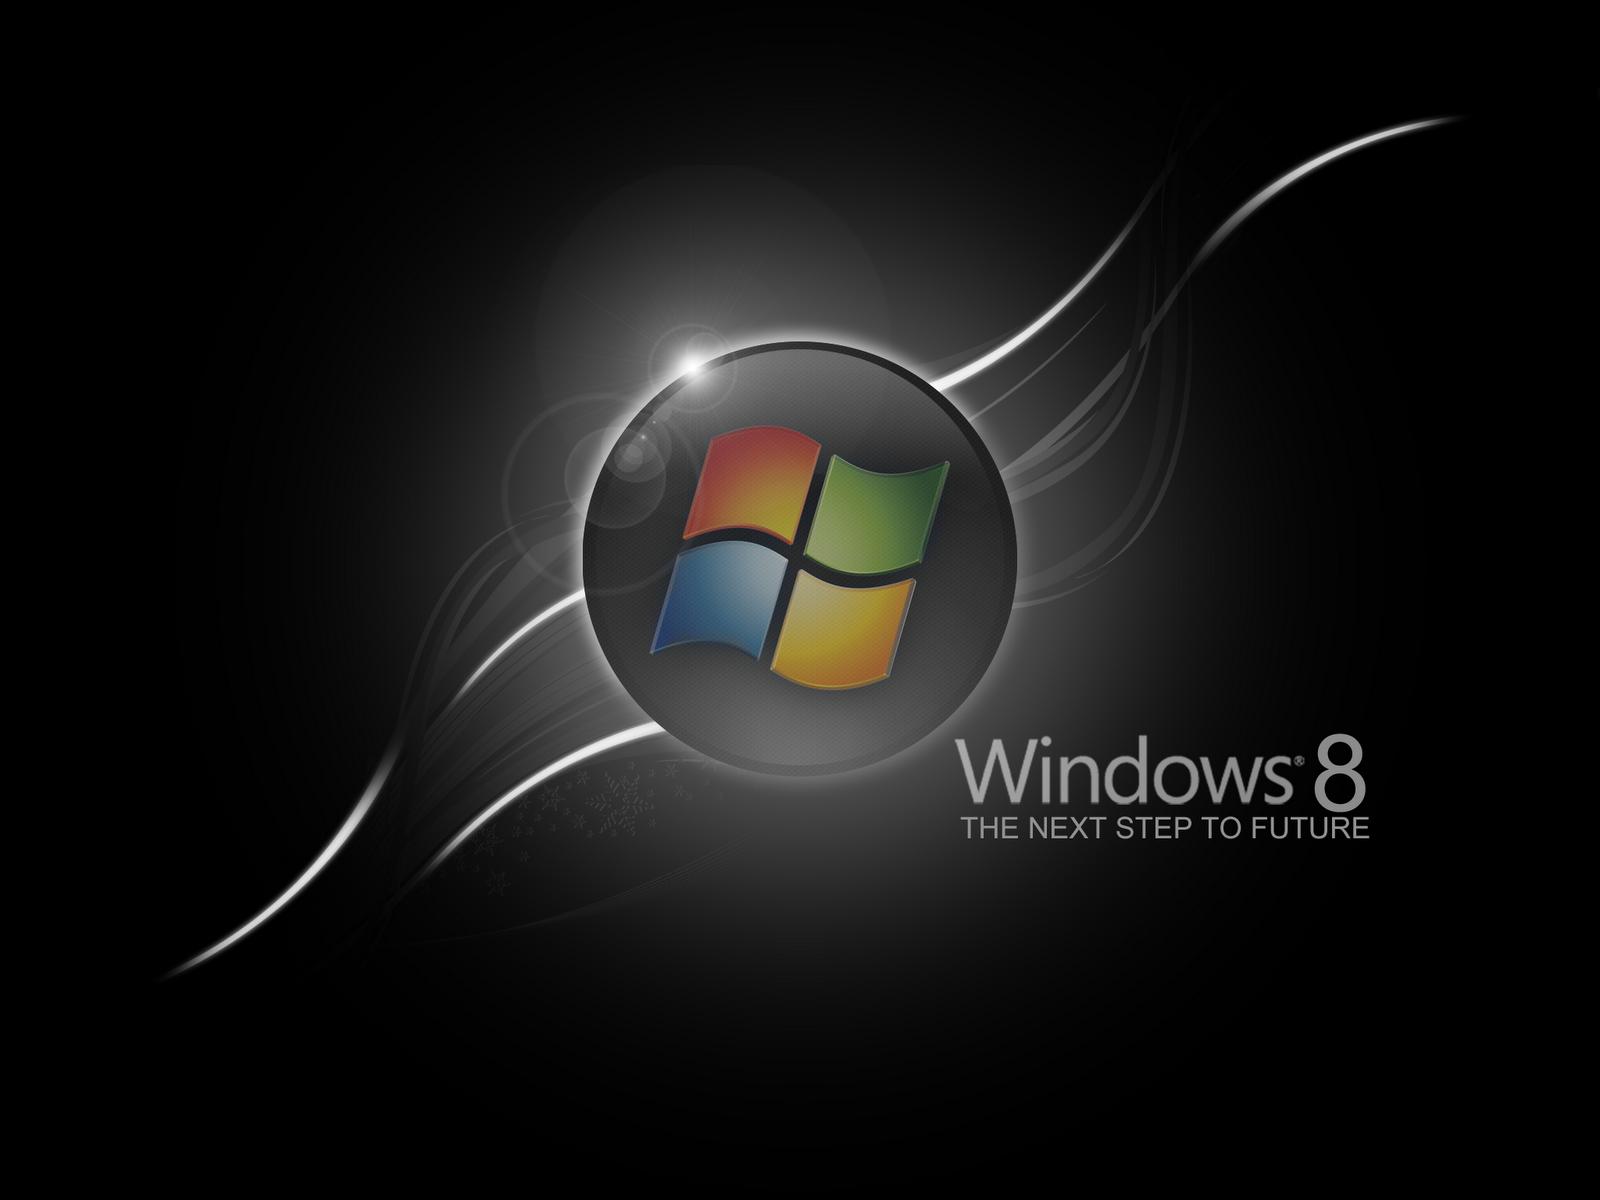 window 8 wallpaper windows wallpaper windows 8 wallpaper hd 1600x1200